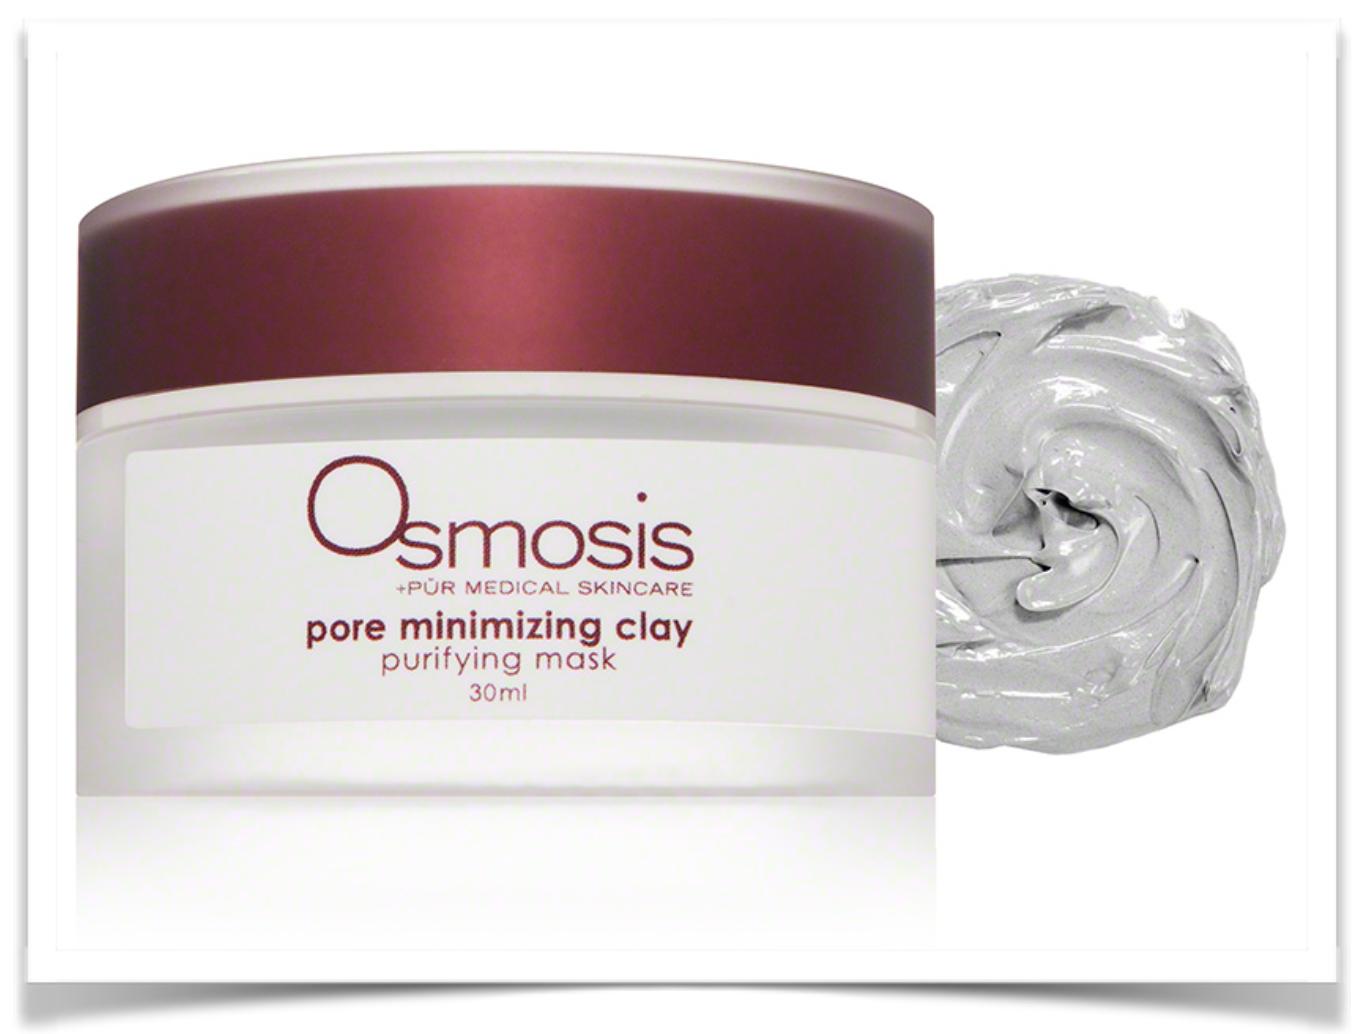 Osmosis Pore Minimizing Clay Purifying Mask